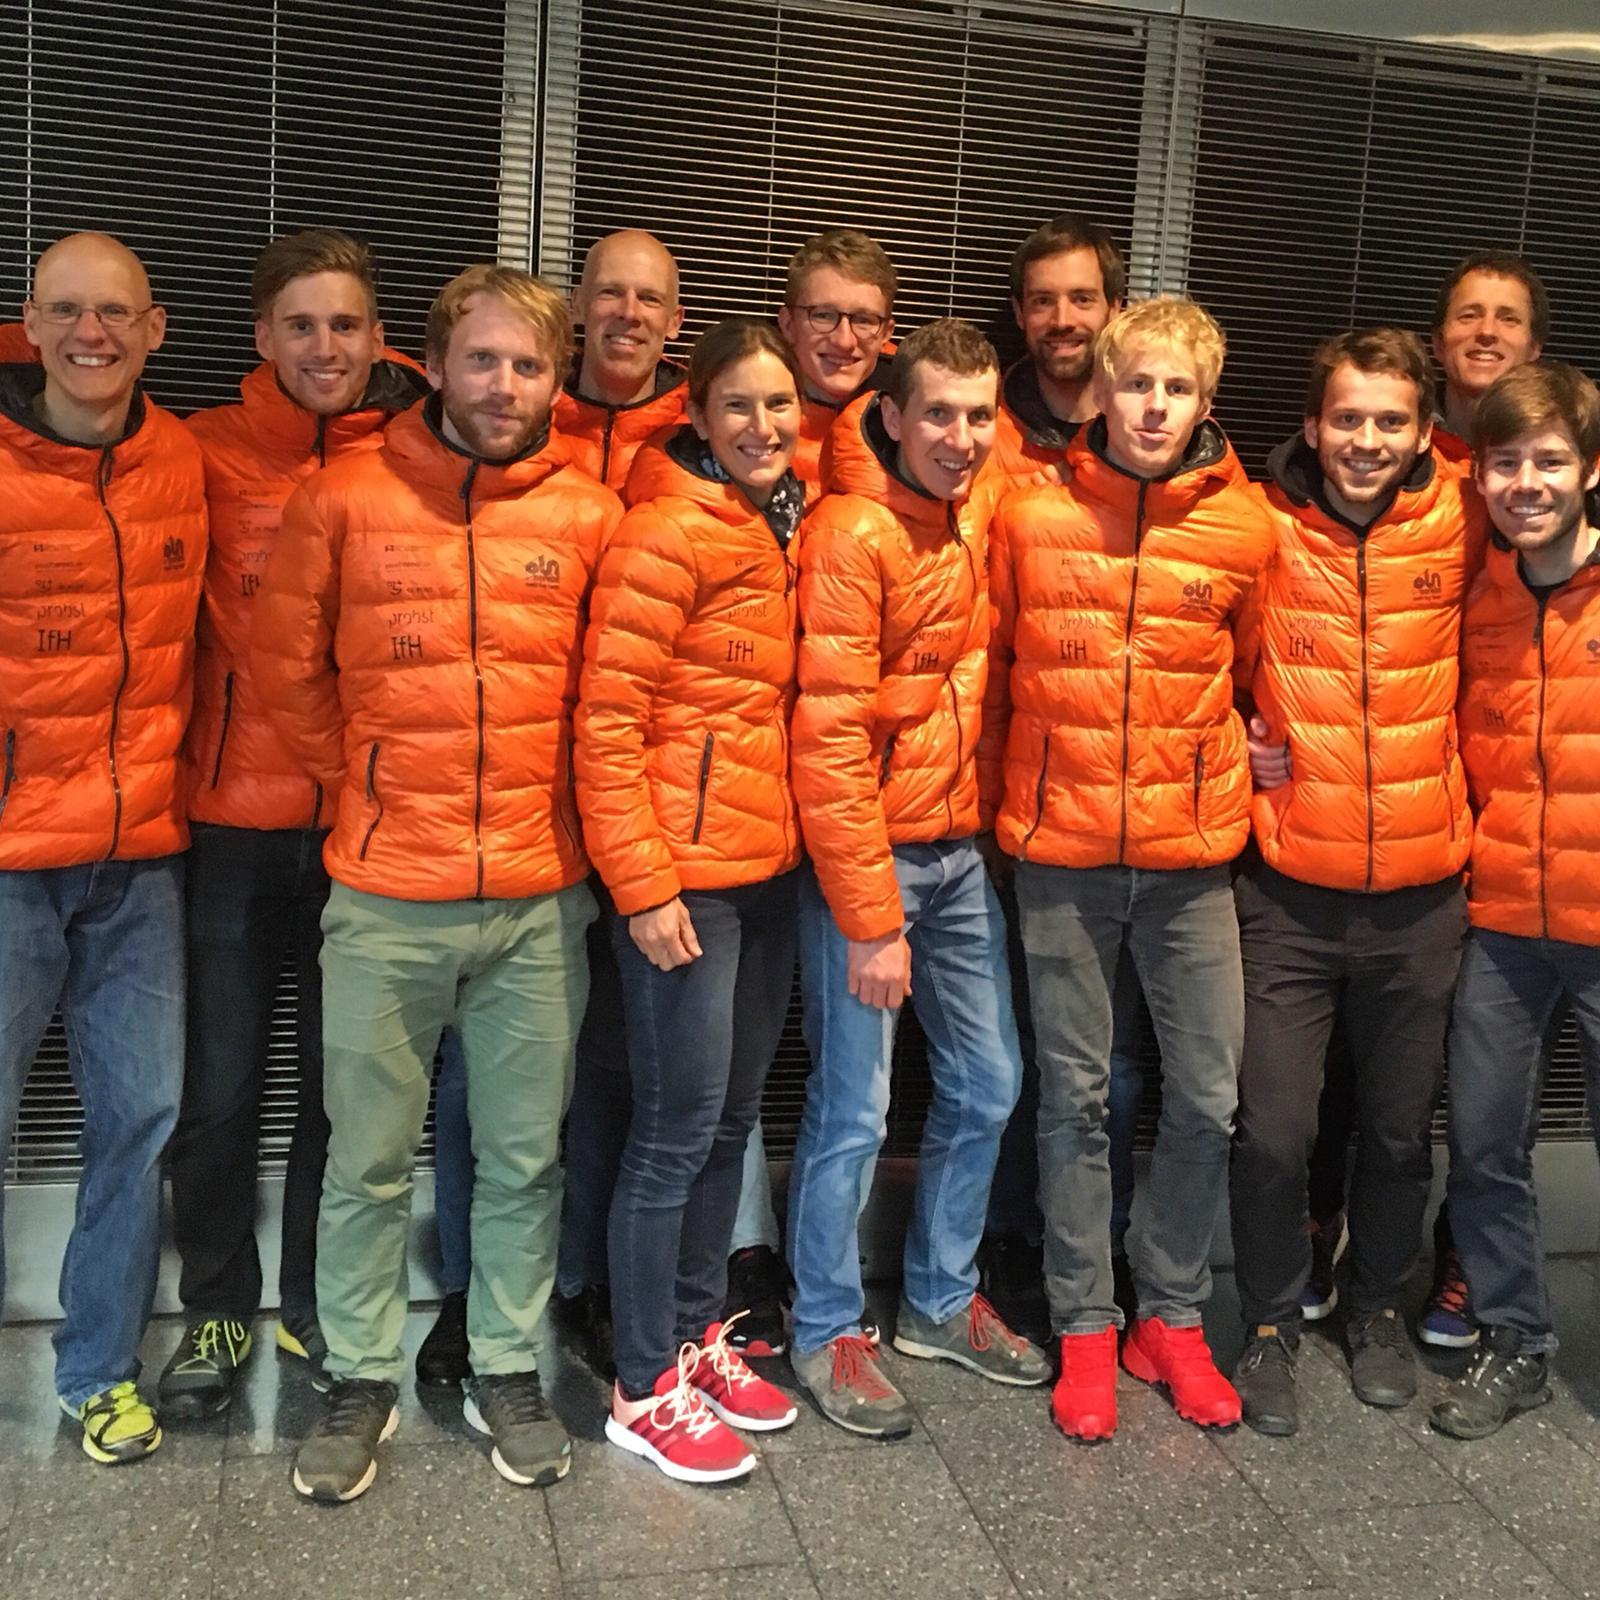 Mit der OL Norska an der 10mila und Rang 47 nach Hause!